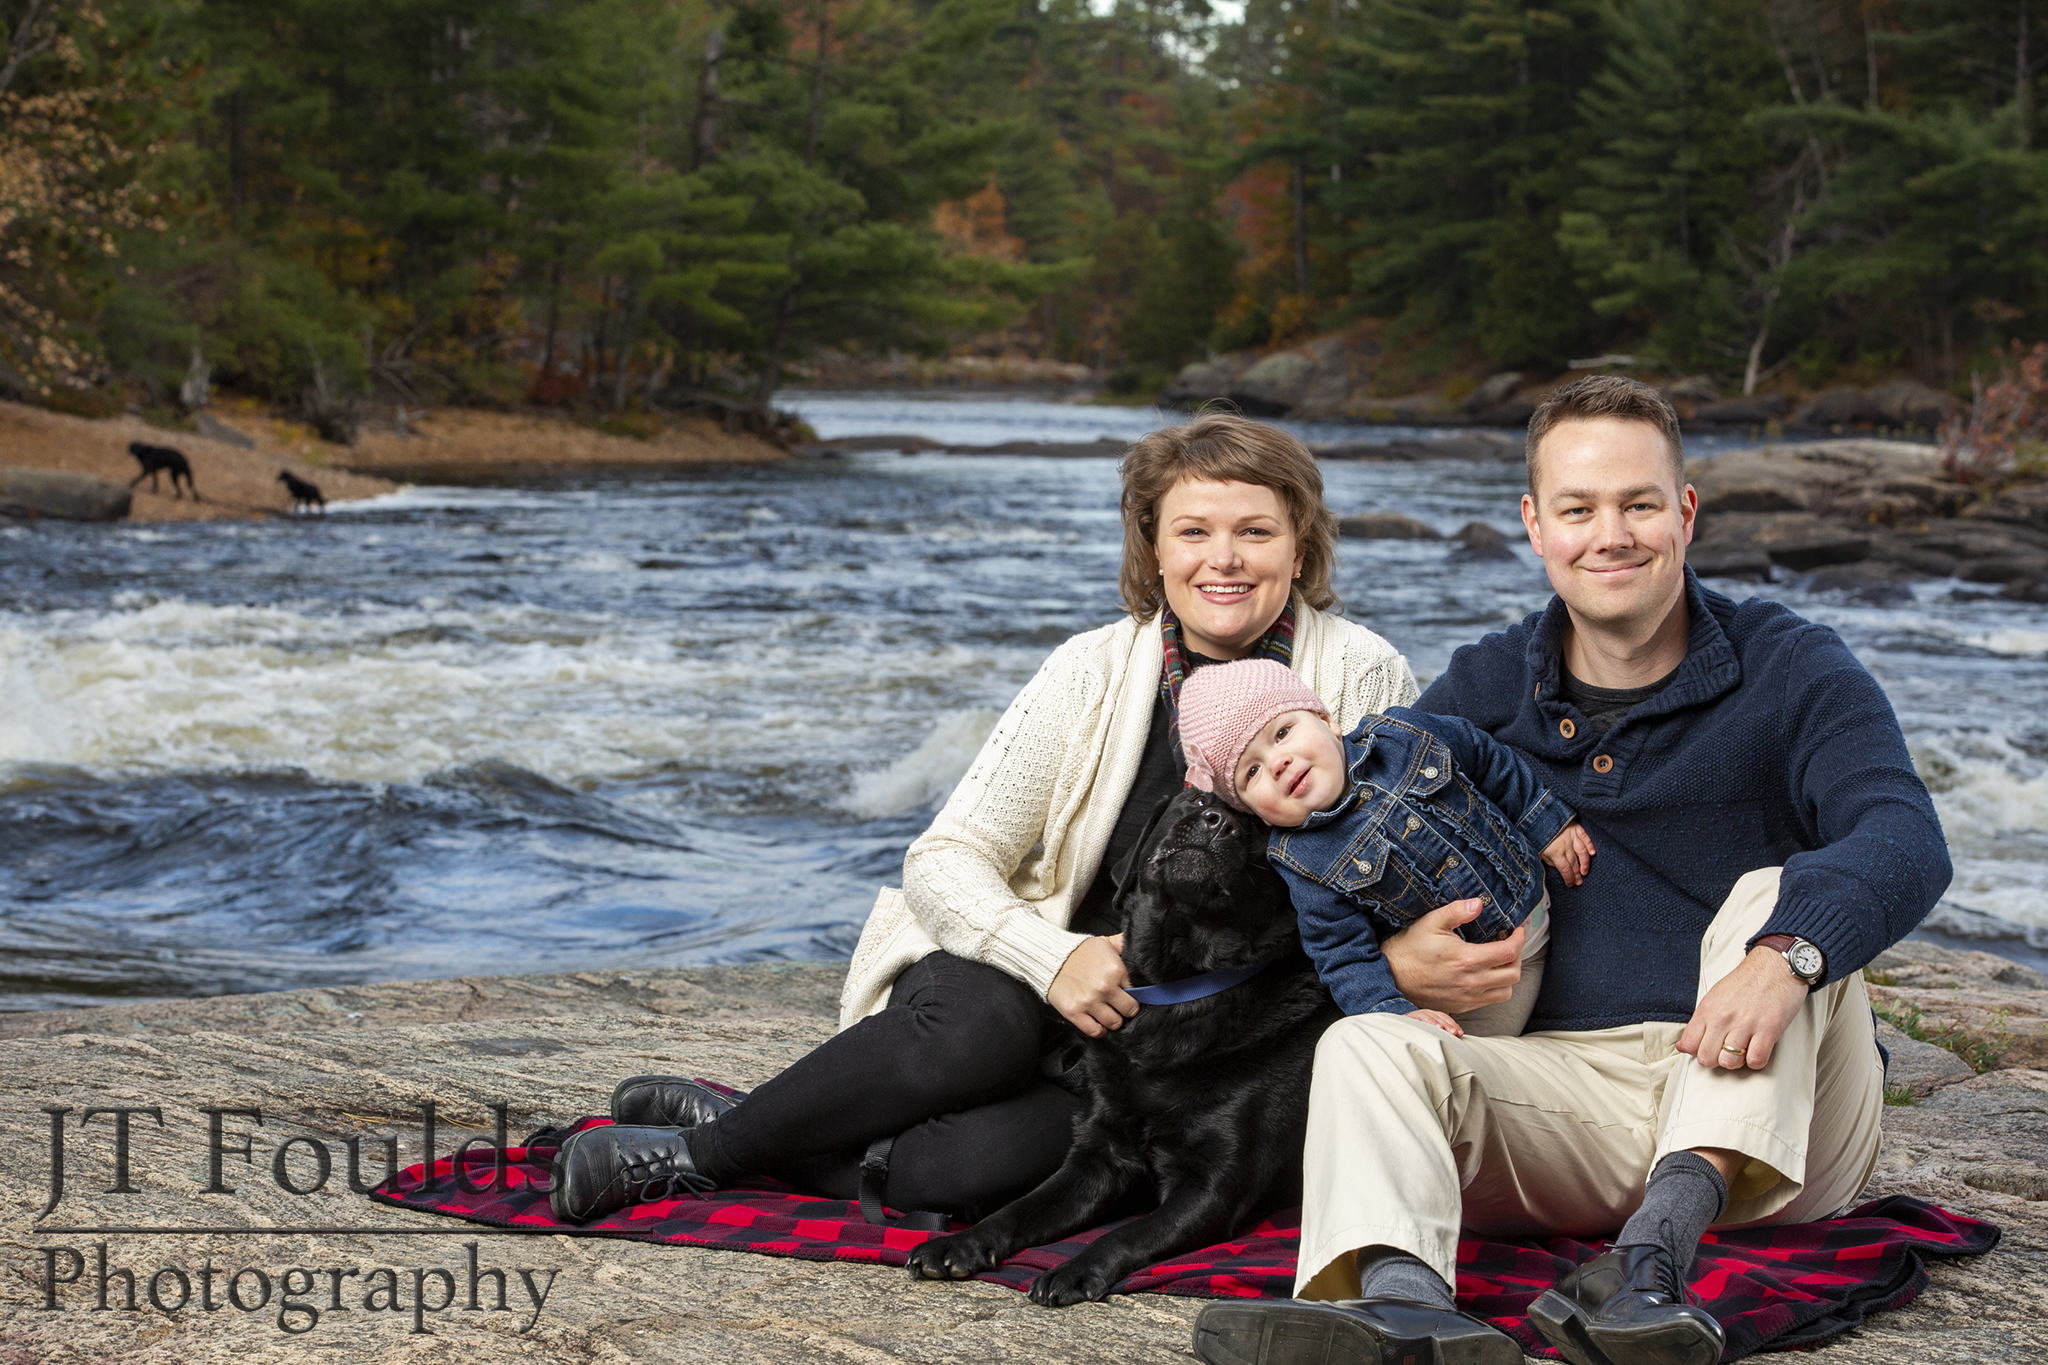 Adach Fall Family Shoot - Centenial Park - 13 OCT '18 - 031.jpg